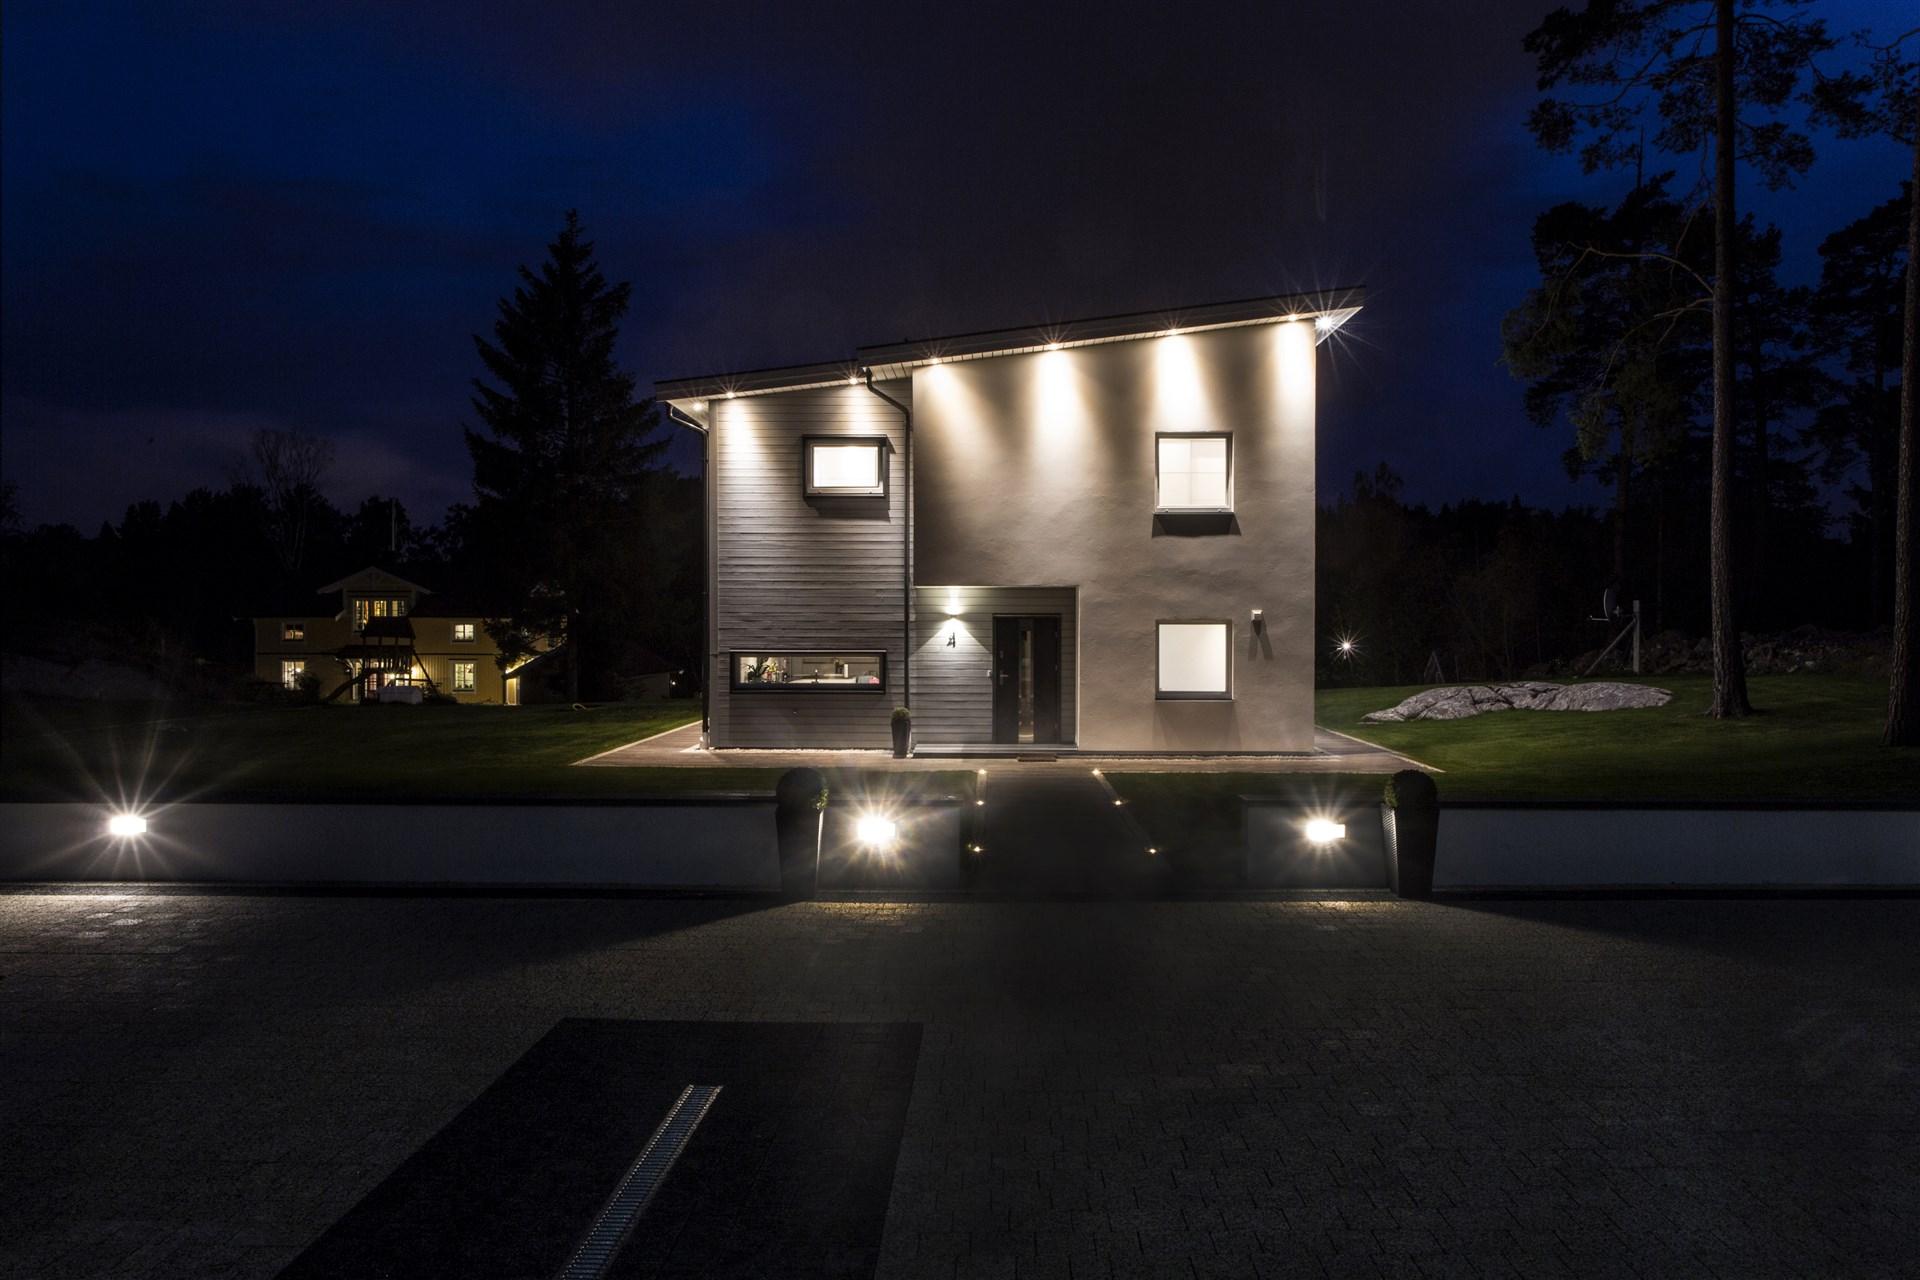 Snygg belysning runt huset